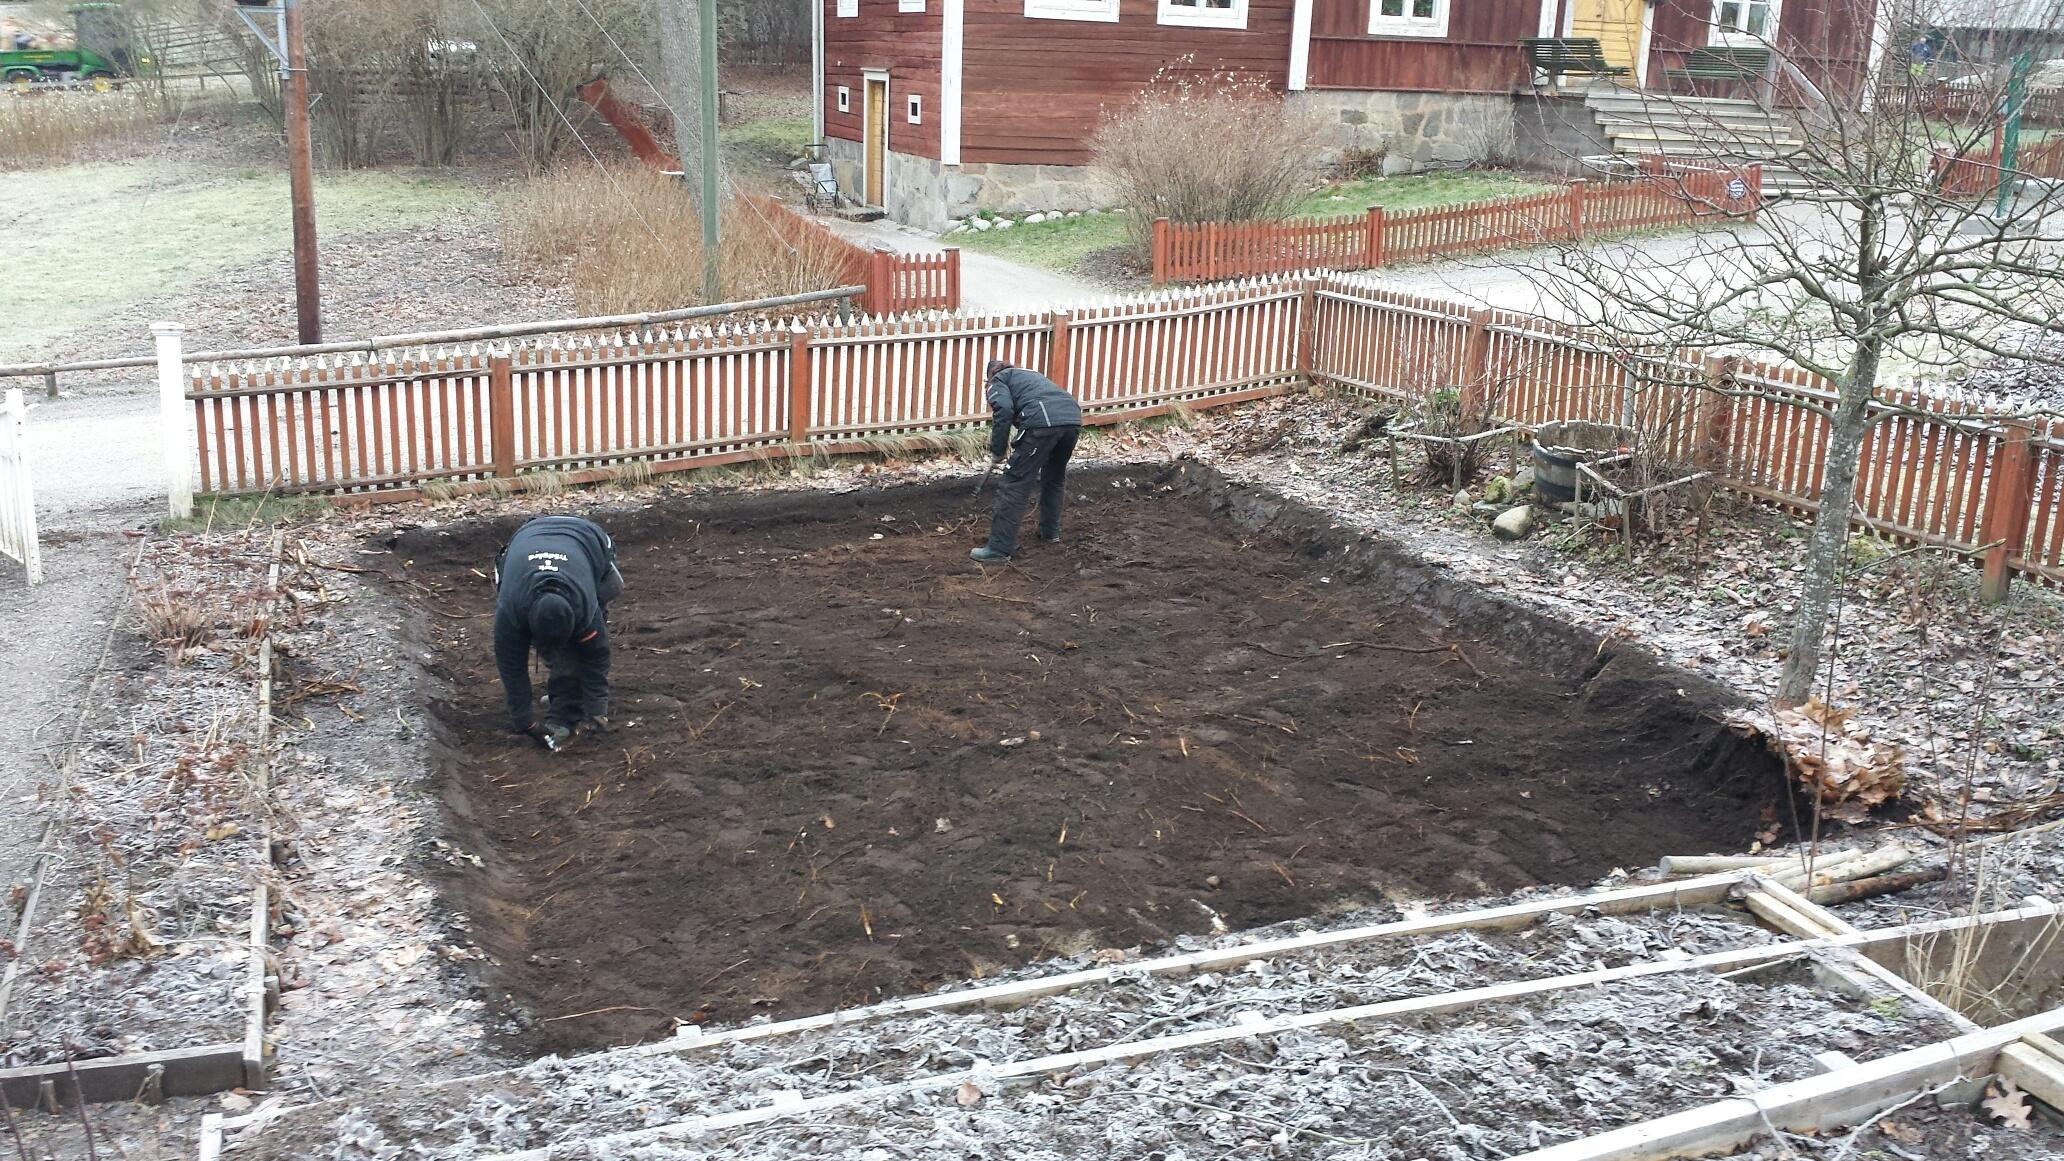 Kolonilottens odlingsyta har blivit utgrävd och rötter borttagna.